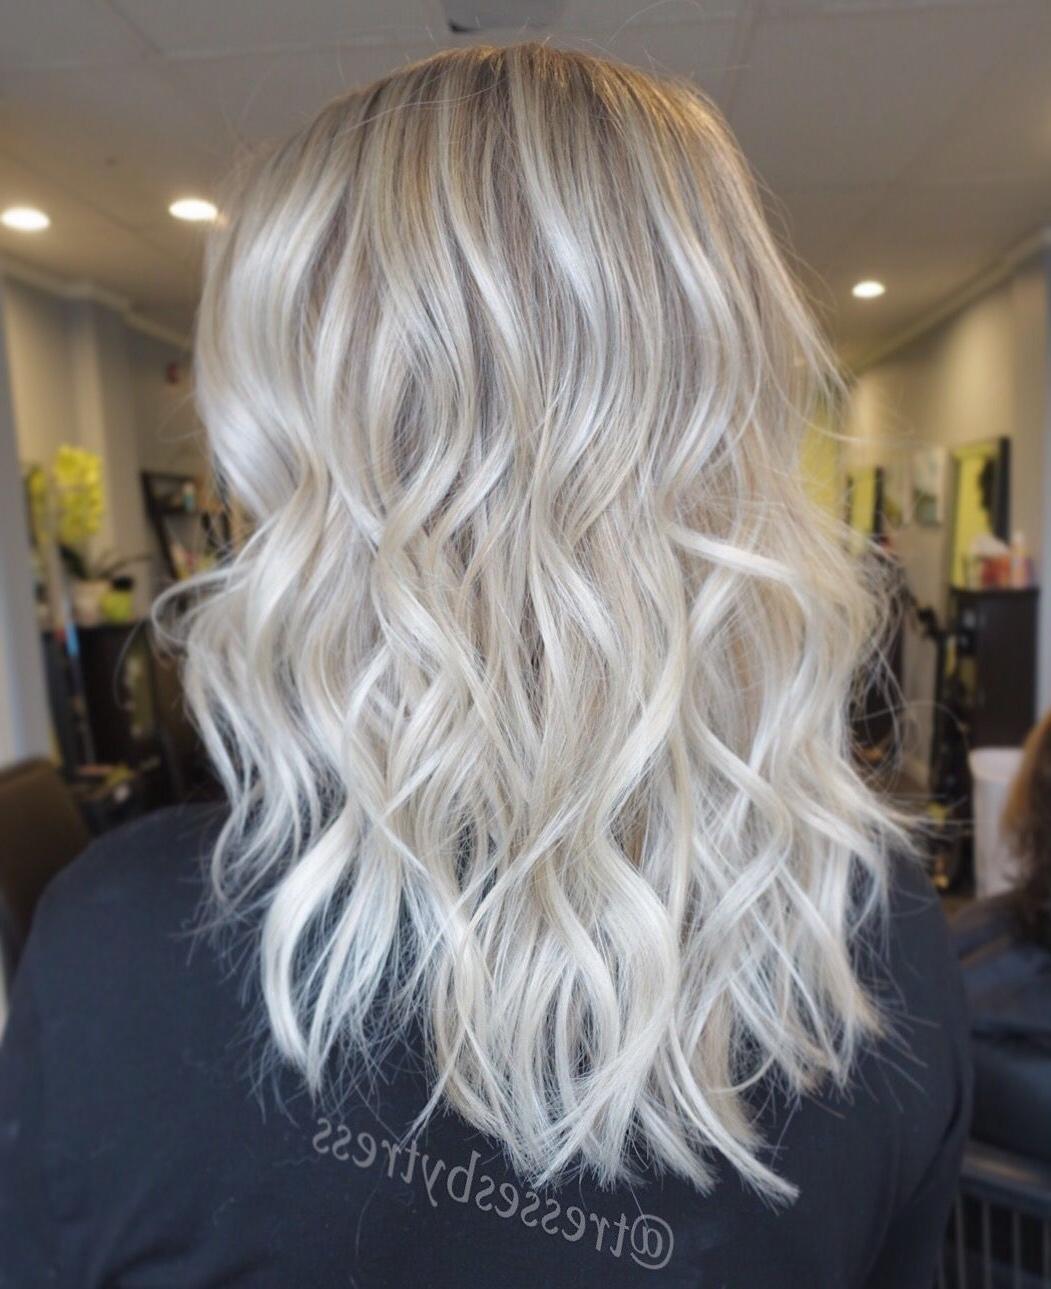 Platinum White Blonde Balayage … (View 16 of 20)